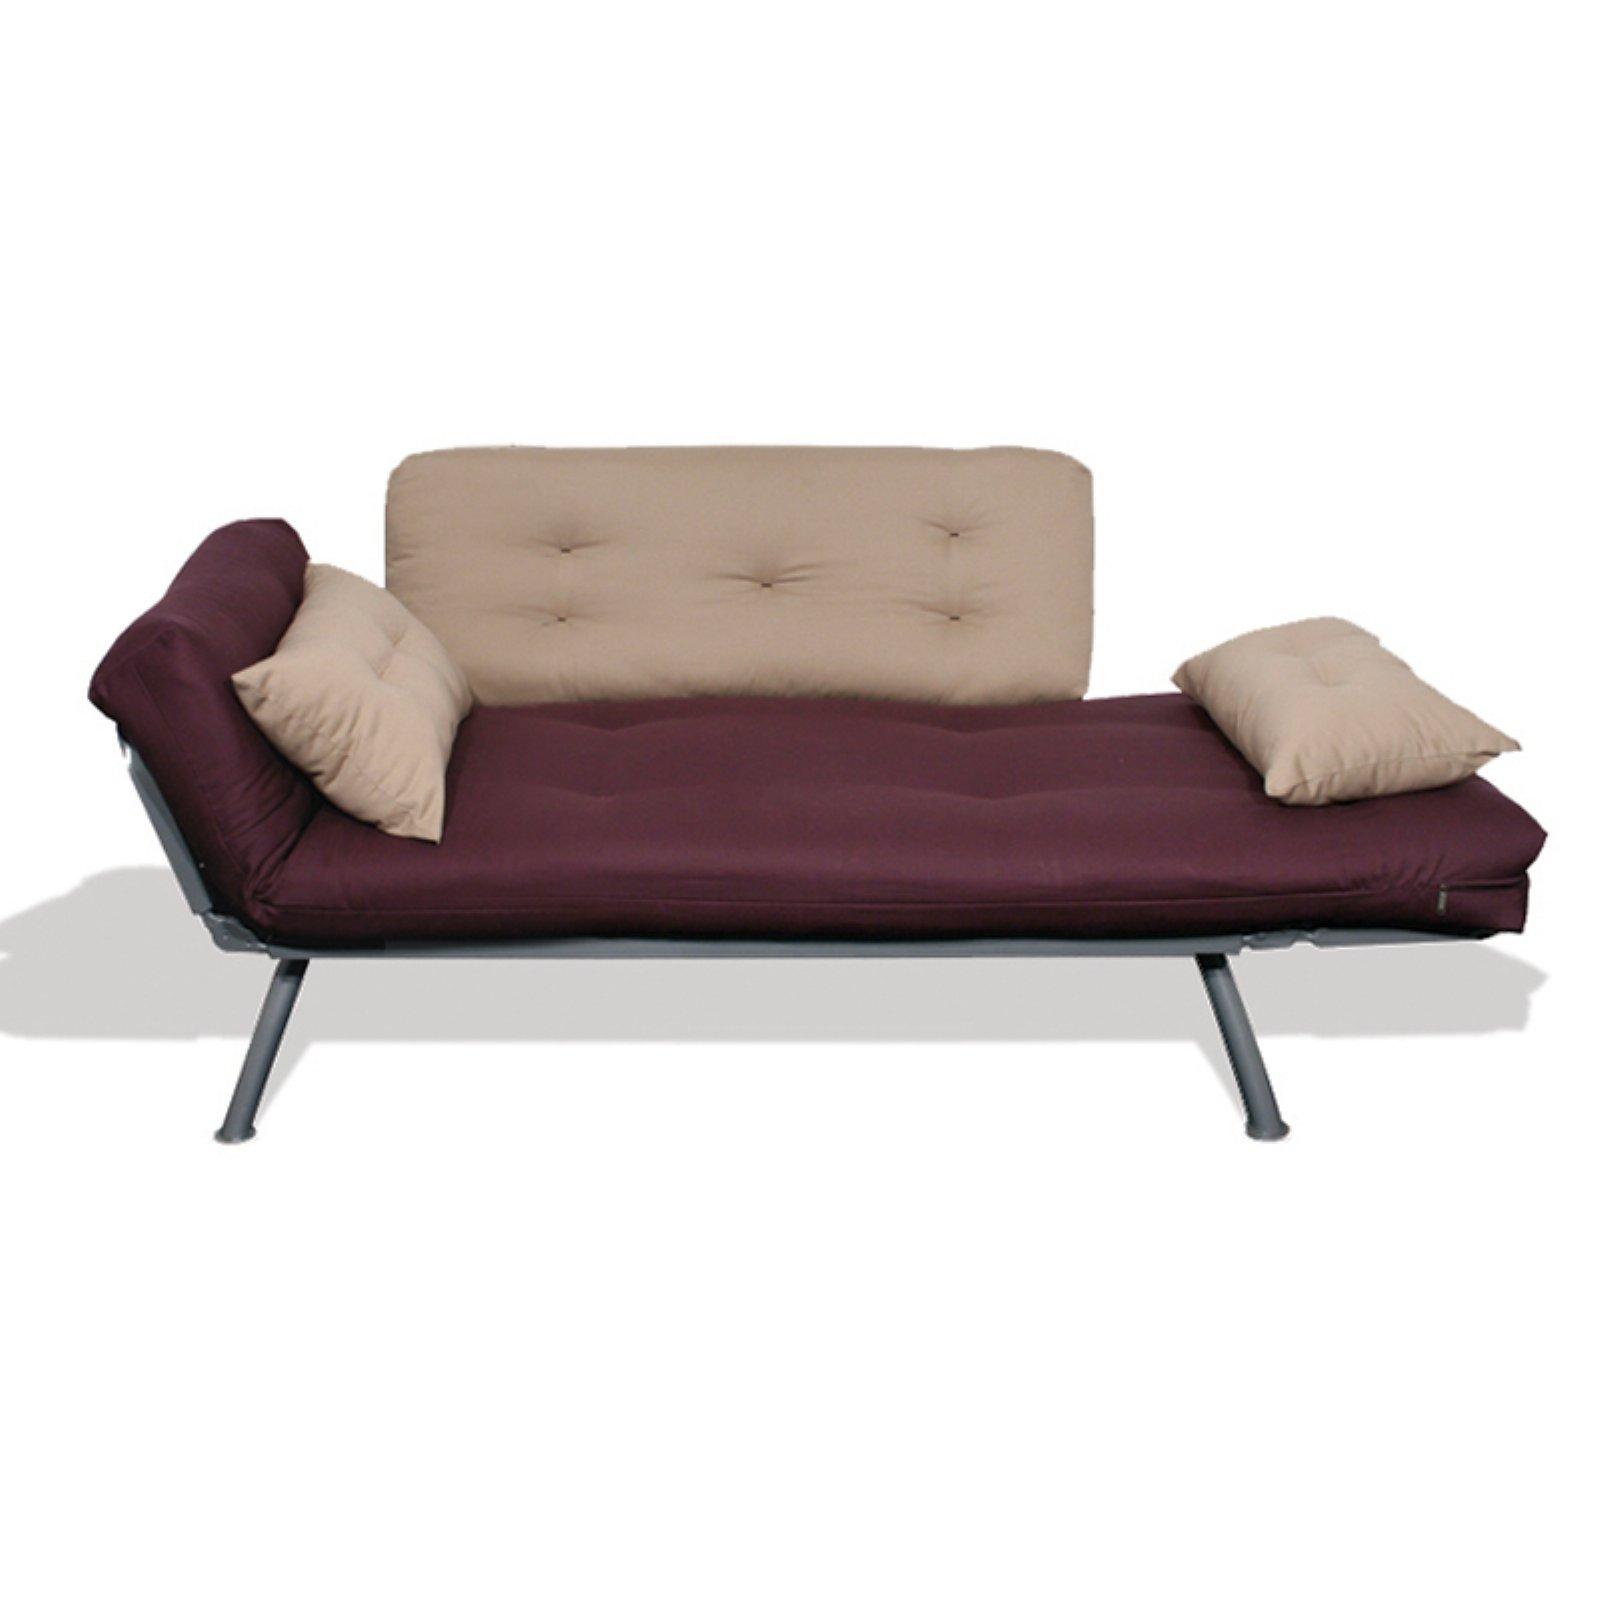 American Furniture Alliance Mali-Flex Combo Futon